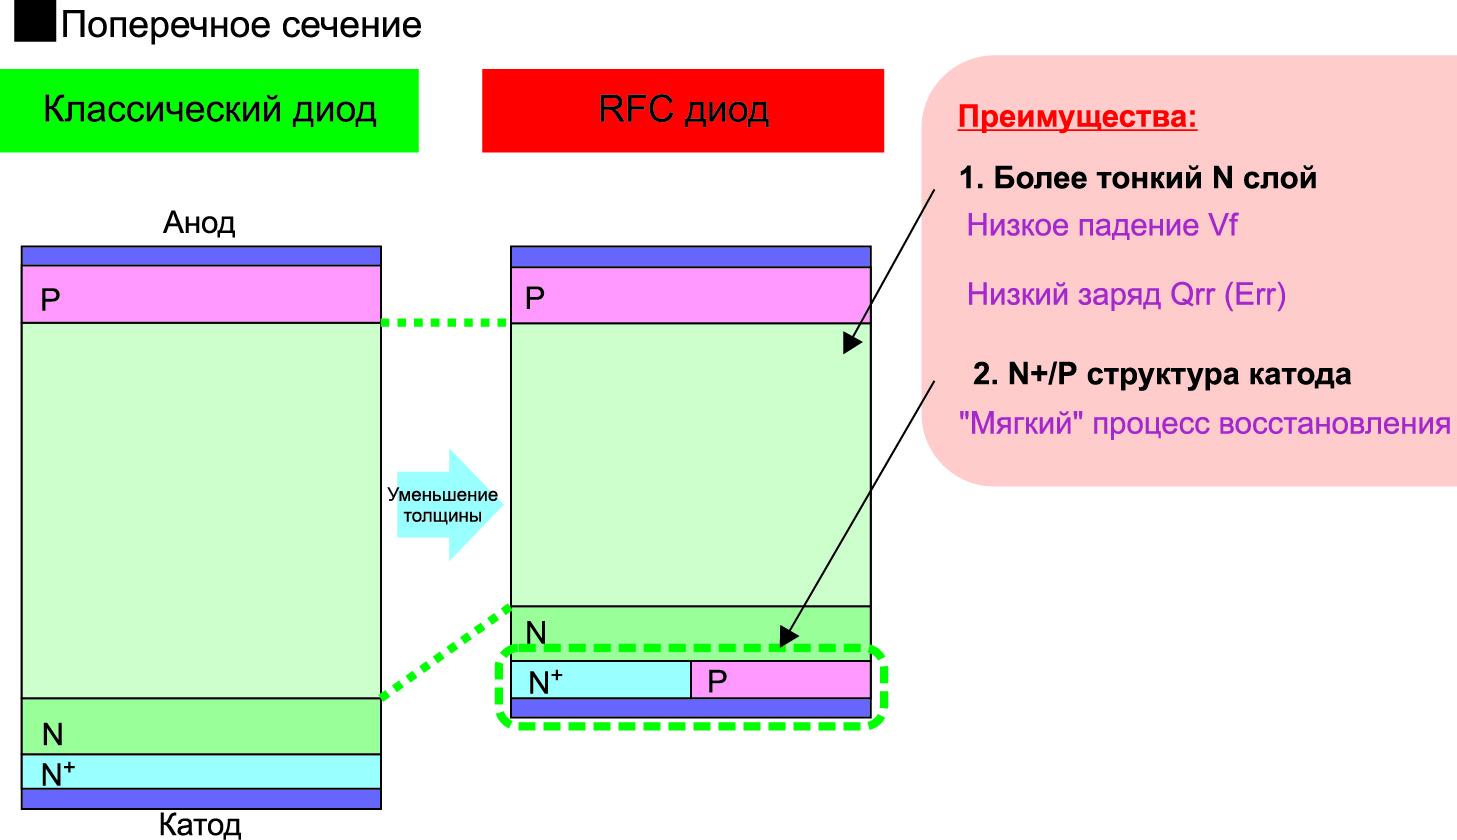 Схематичное изображение поперечного сечения RFC-диода